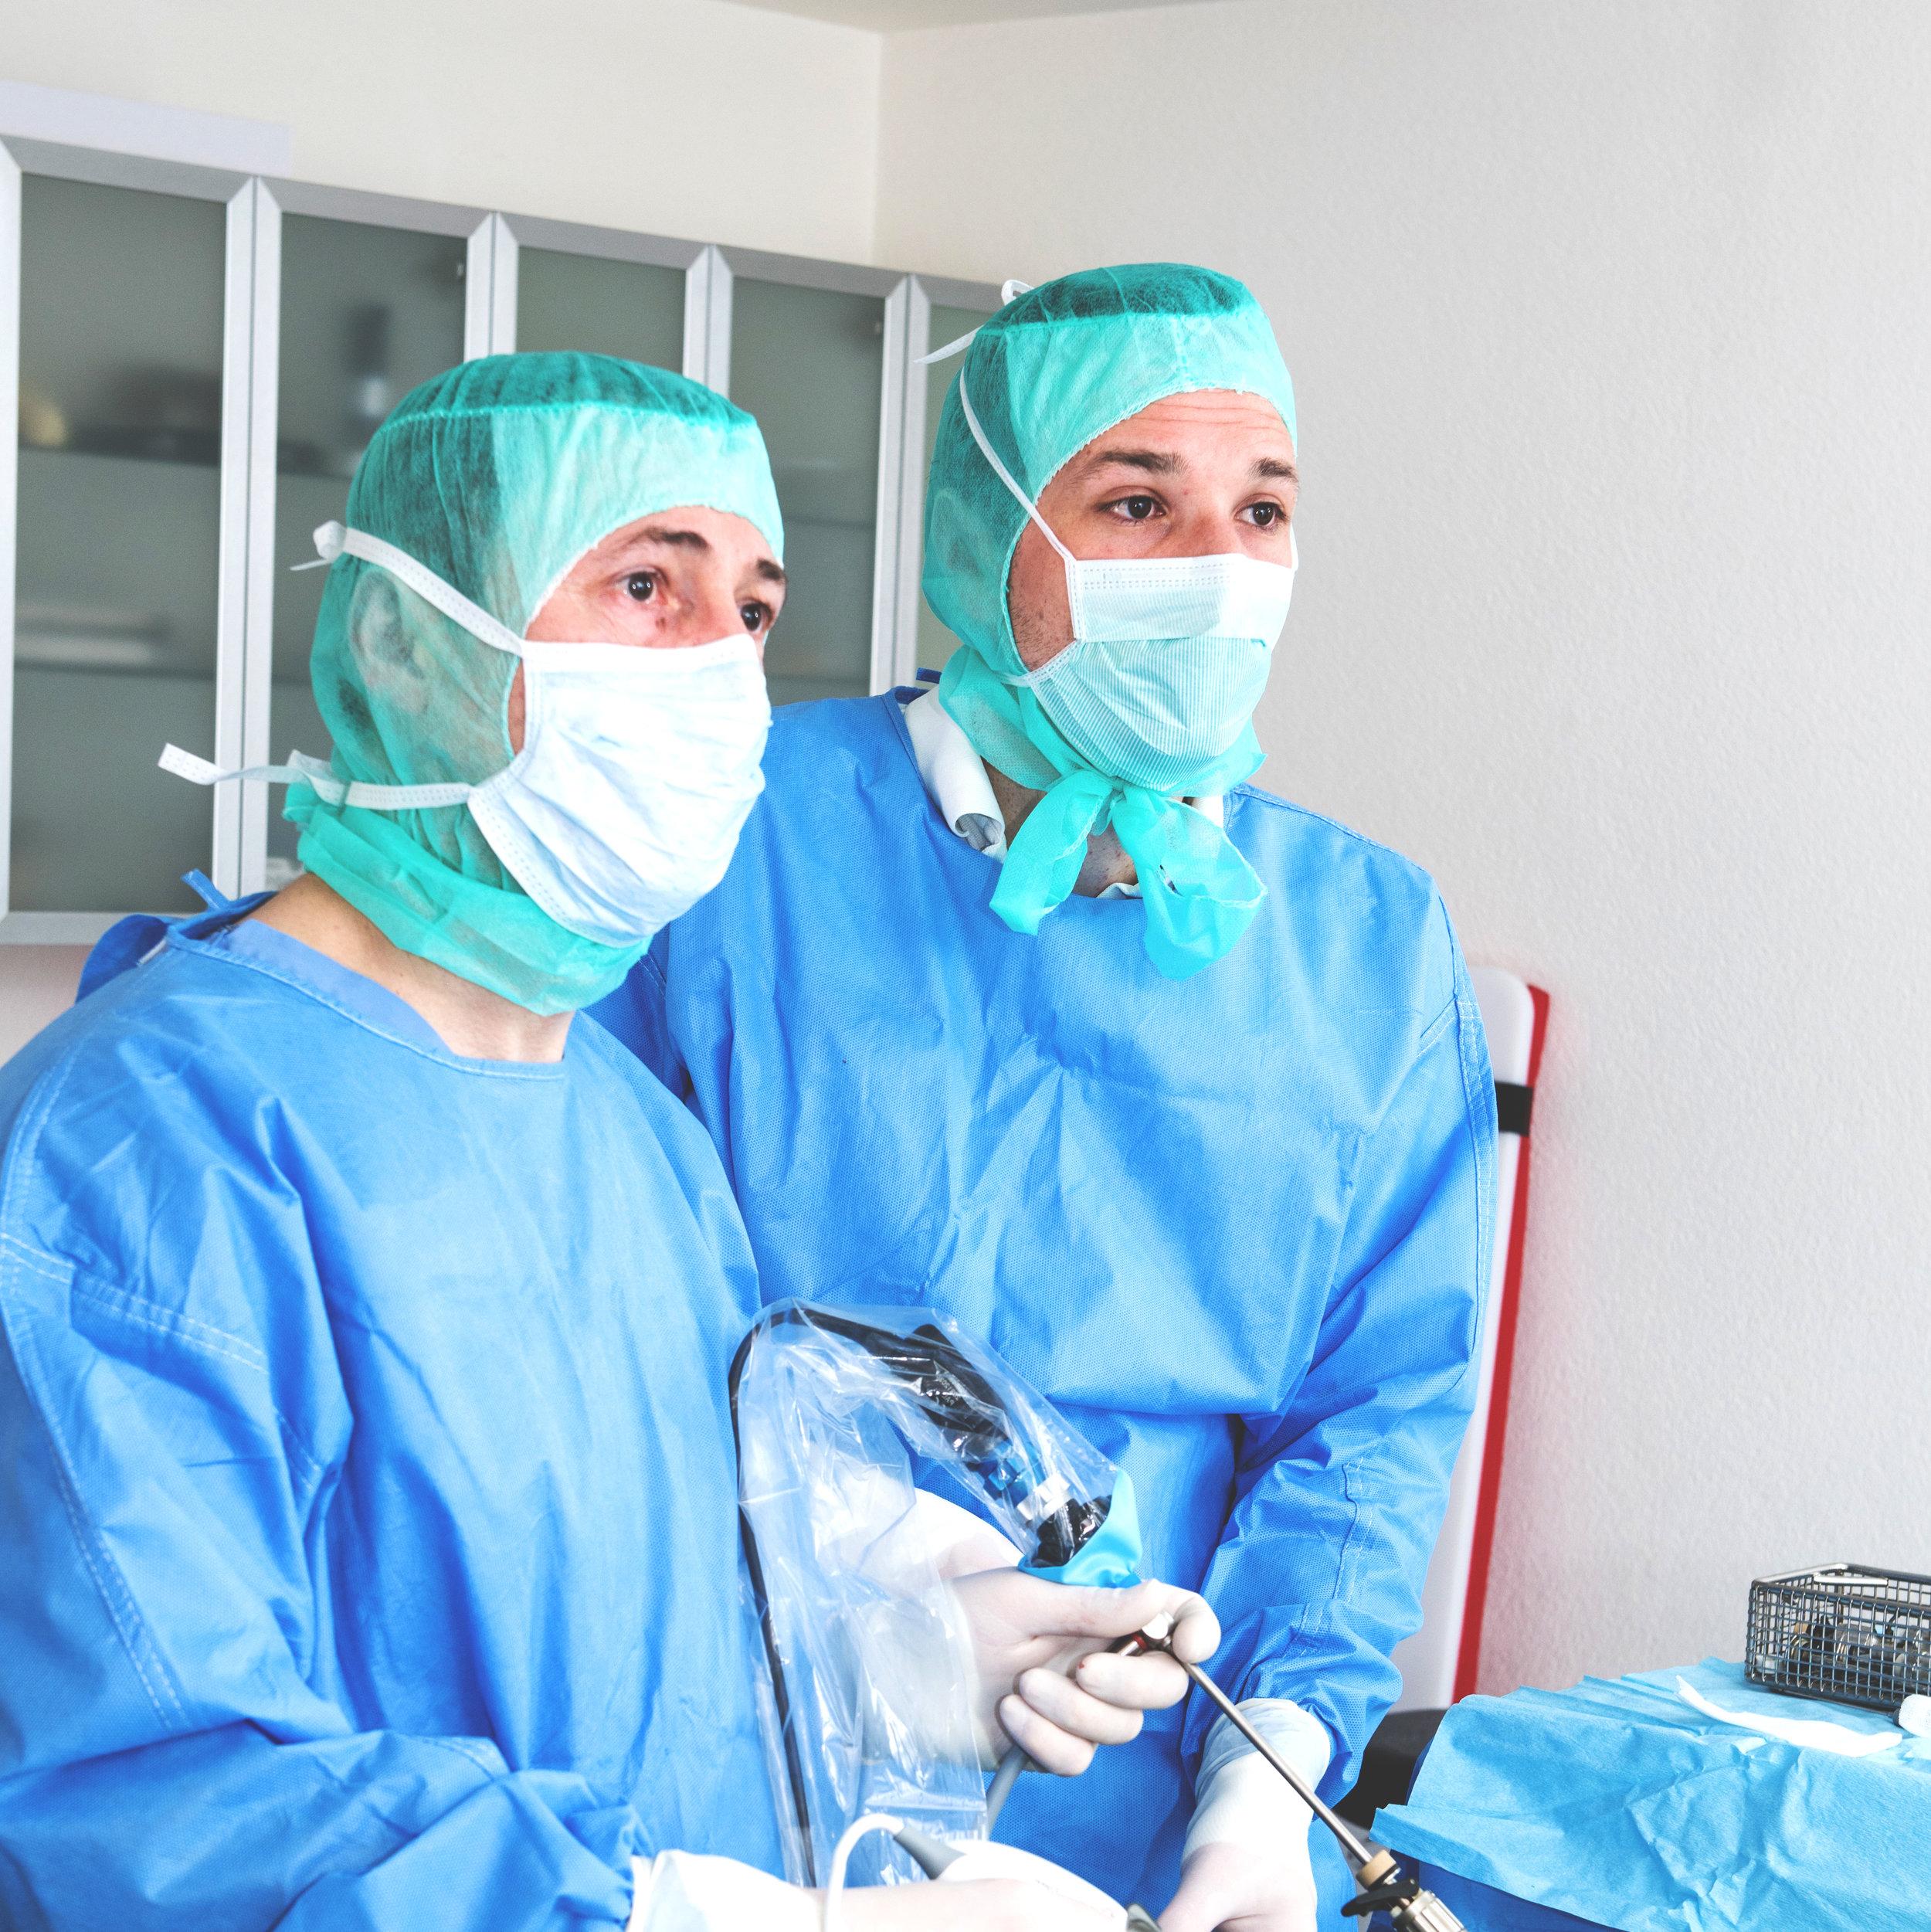 Chirurgie - In unserer Klinik führen wir Weichteiloperationen wie beispielsweise die Entfernung von Tumoren, Fremdkörpern oder Blasensteinen durch. Die endoskopische Kastration von Hündinnen gewinnt dabei zunehmend an Bedeutung. Im Rahmen der Knochenchirurgie versorgen wir Knochenbrüche, Kreuzbandrisse und andere Verletzungen.